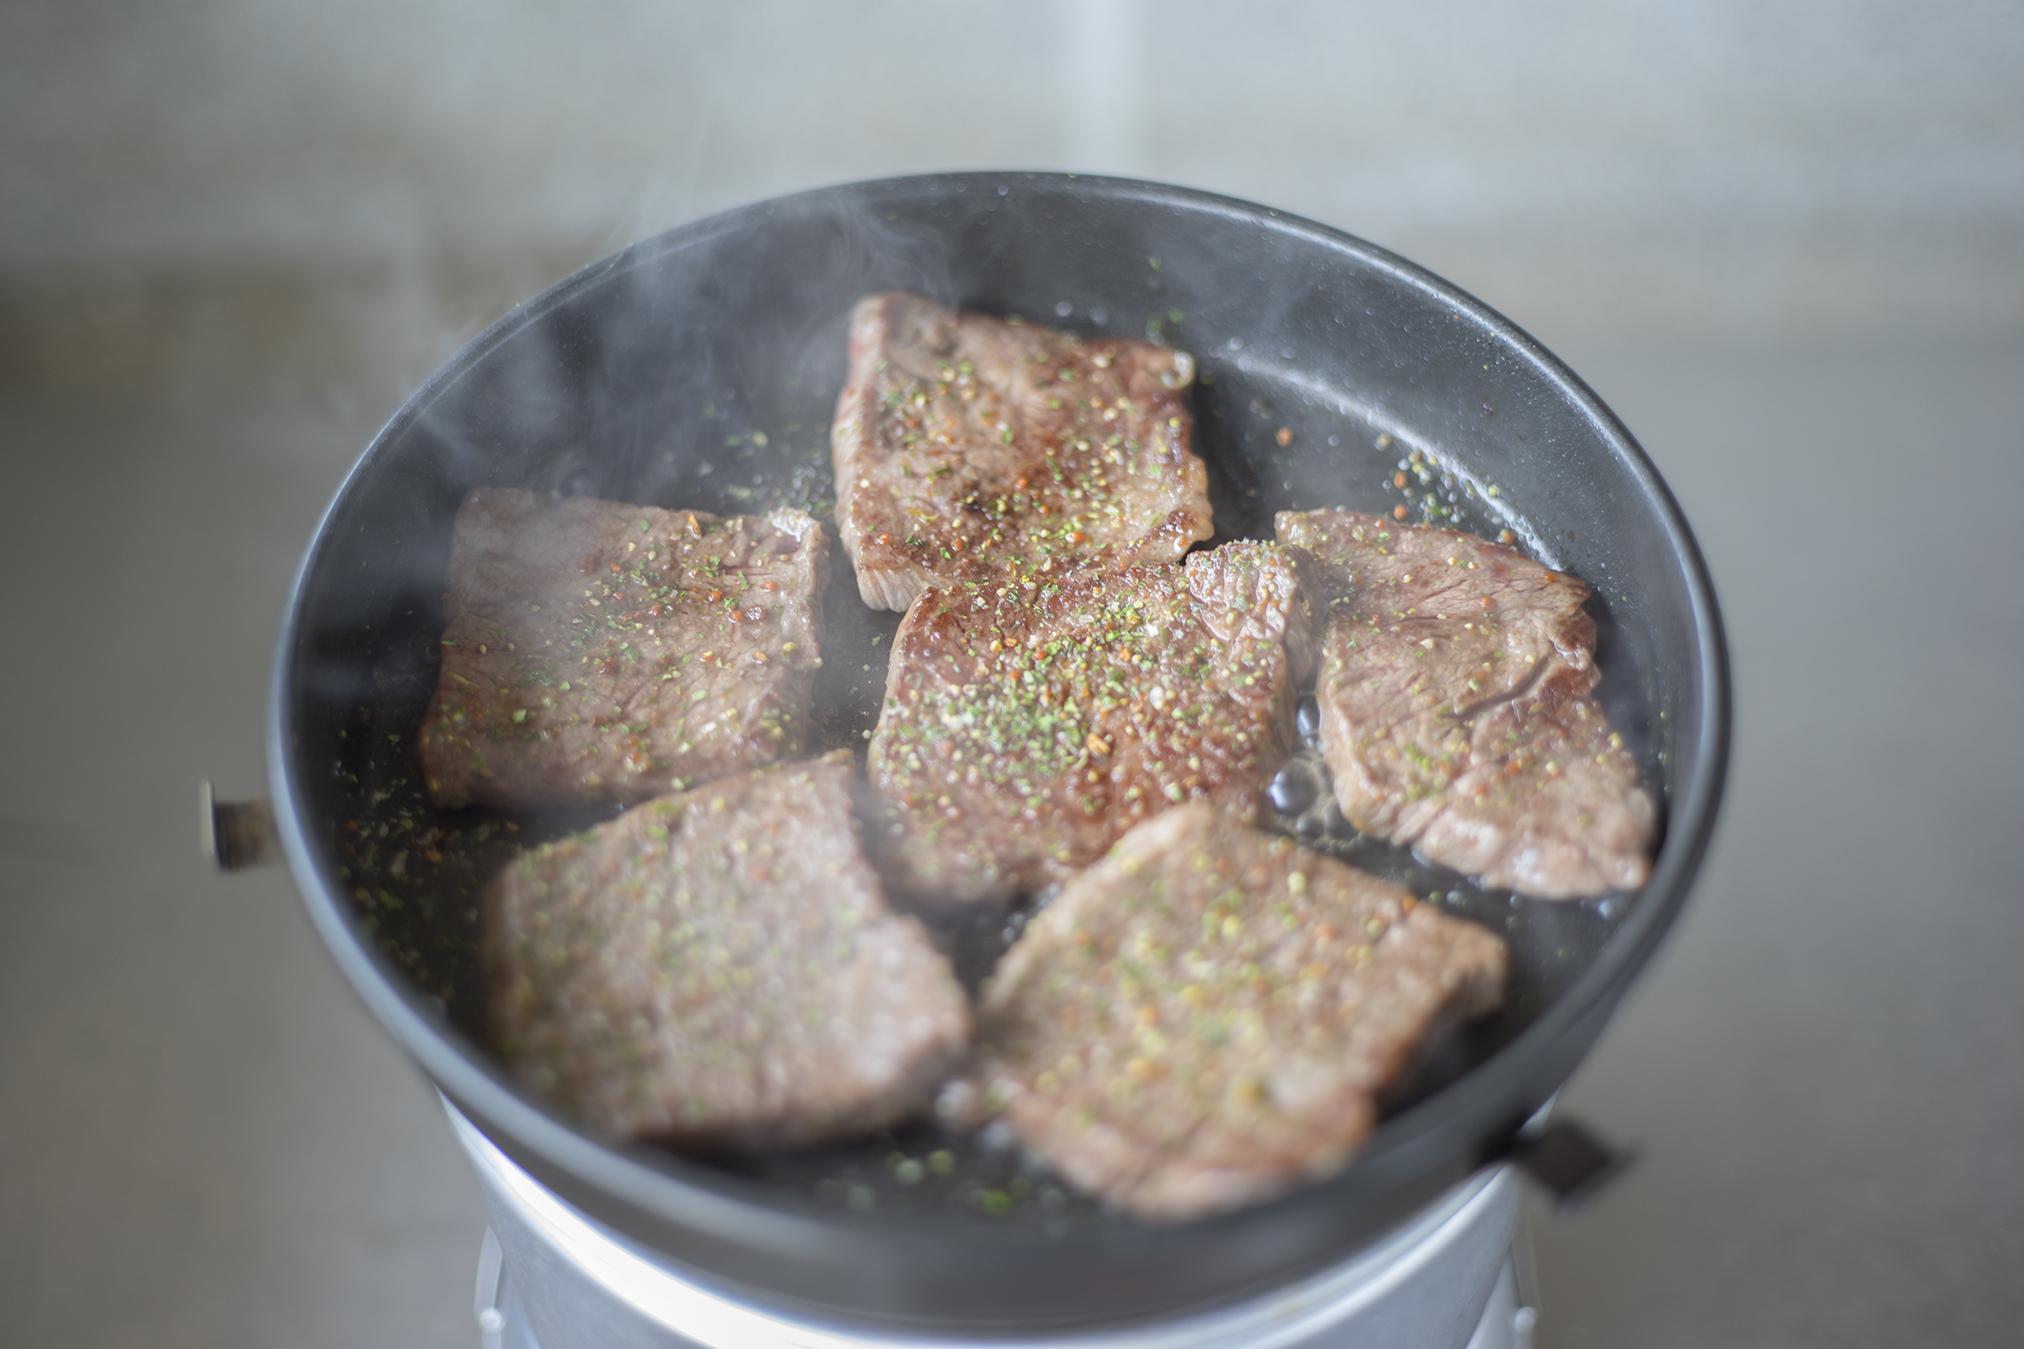 アウトドアで簡単調理「トランギア・ストームクッカー」はおすすめ